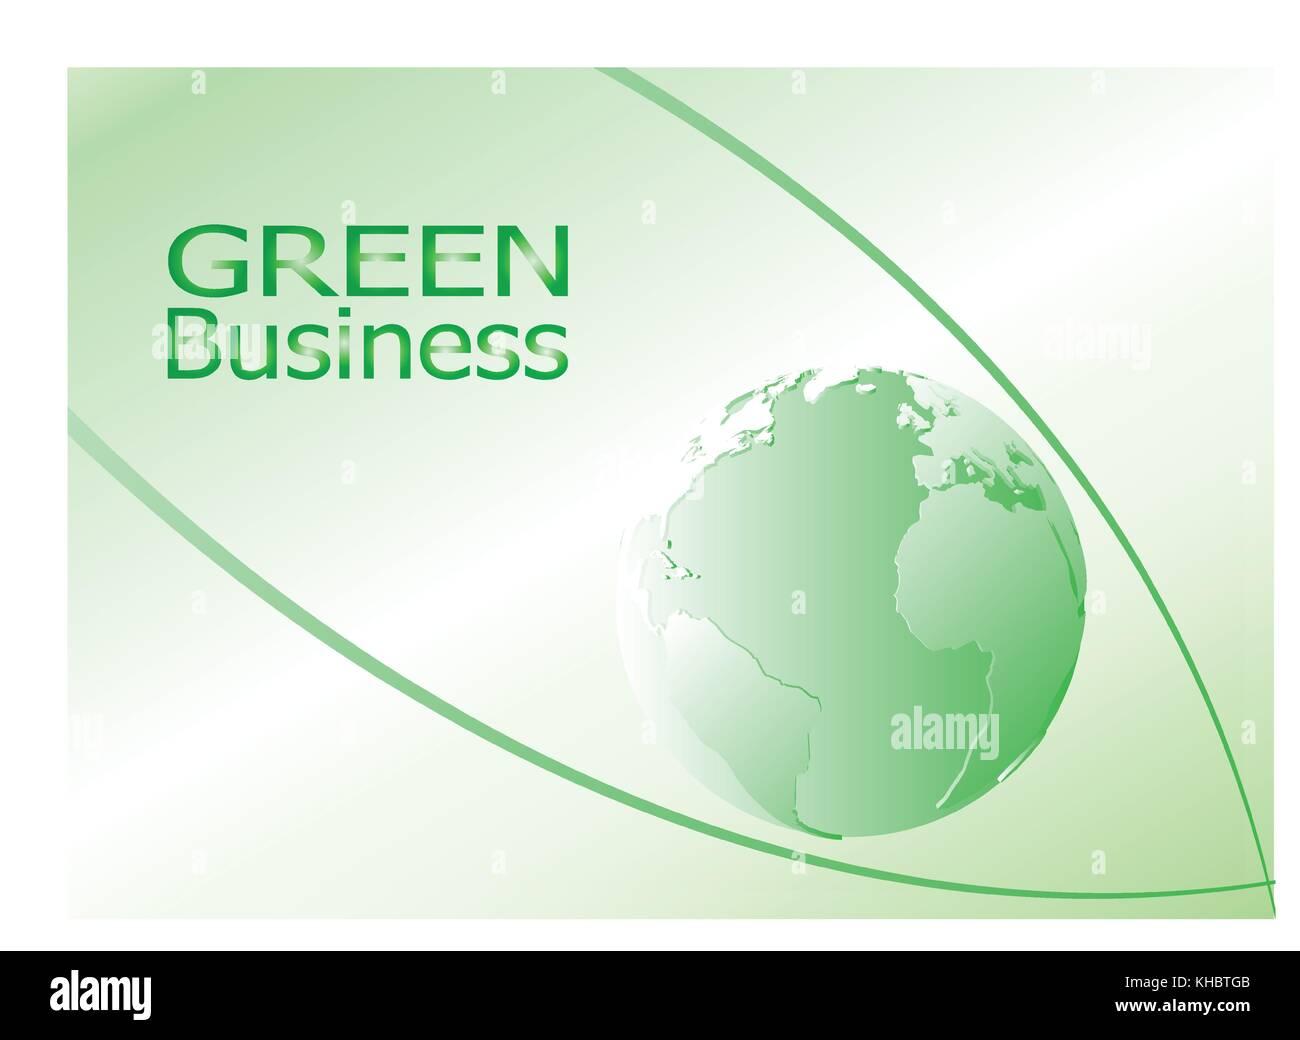 Vector de fondo de negocio verde. Pueden aplicarse para los tipos de presentaciones multimedia como fondo,fondo,ilustración,poster,impresión Imagen De Stock